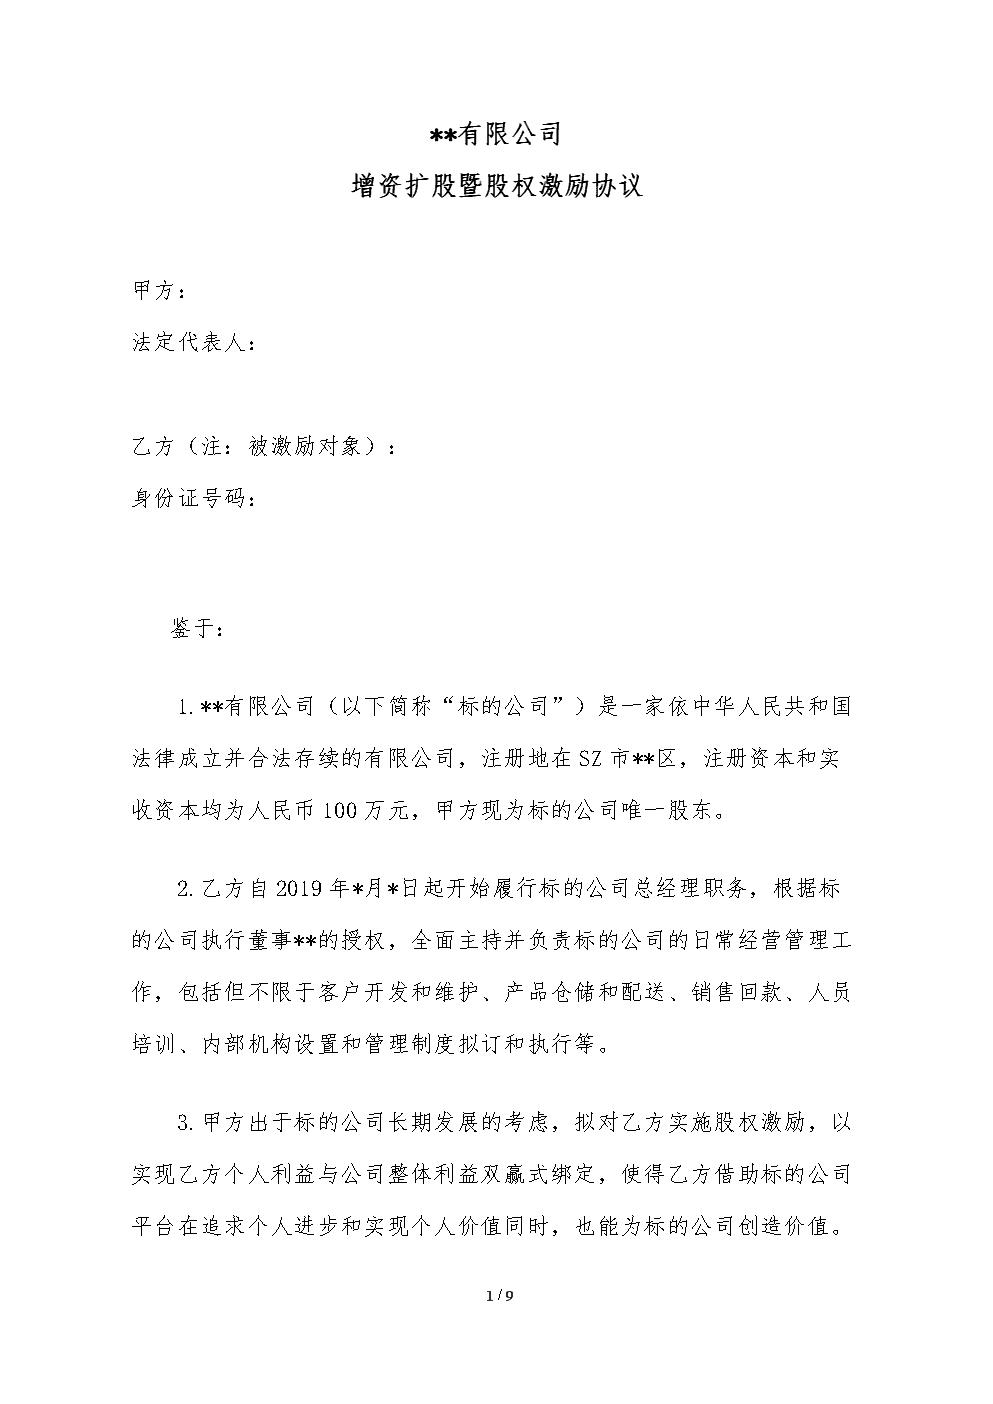 增资扩股暨股权激励协议2019.doc